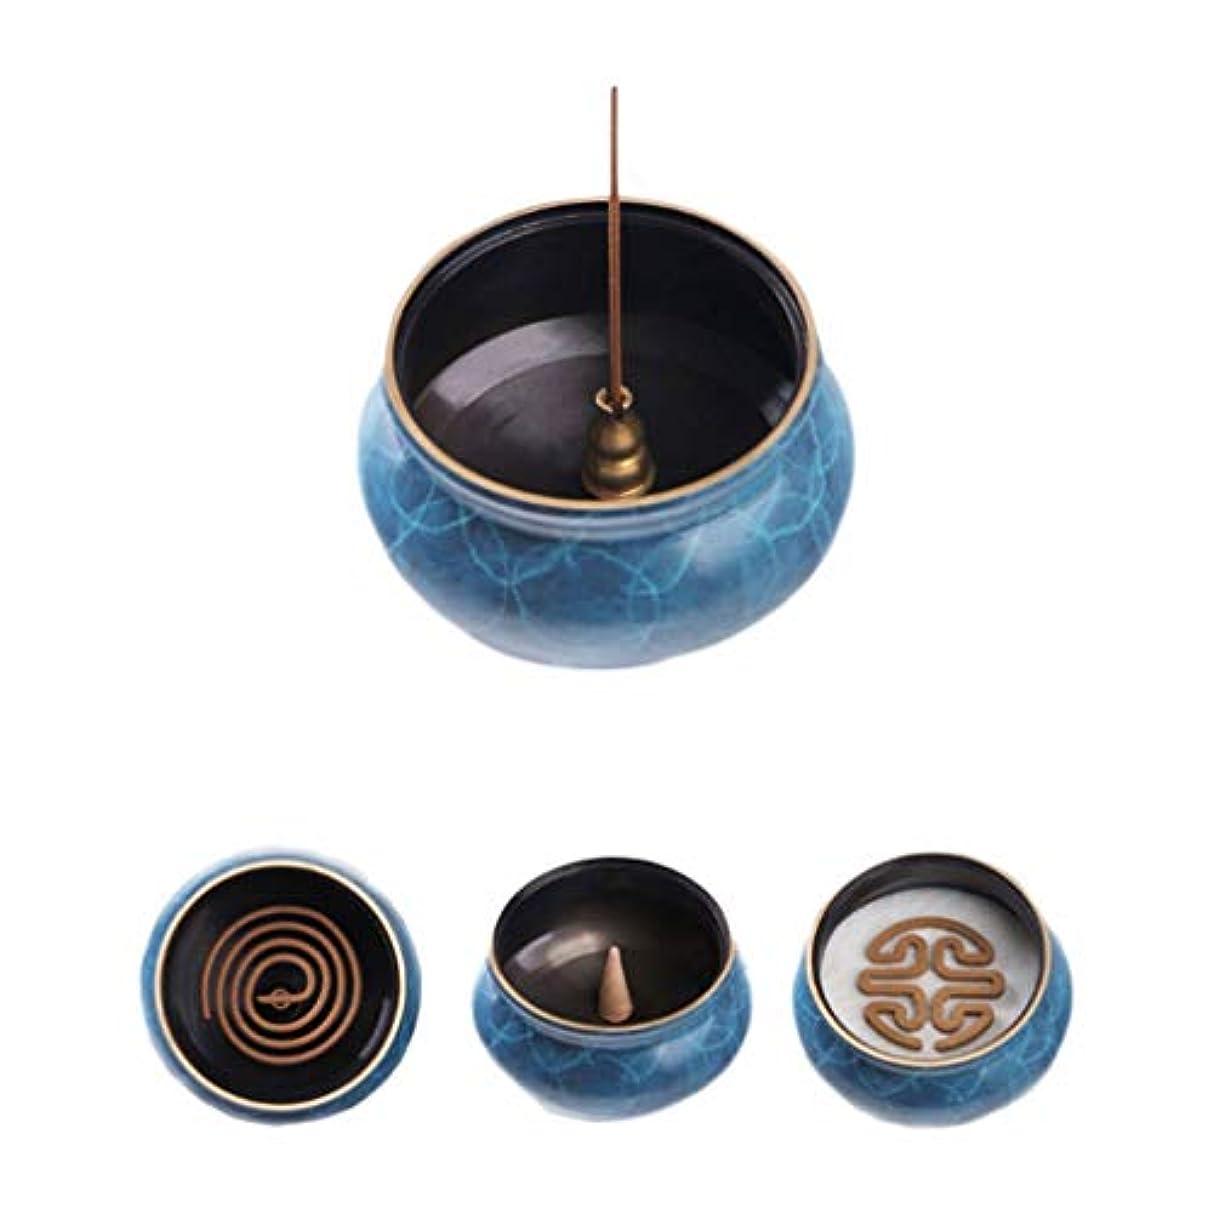 ユダヤ人地区何十人もホームアロマバーナー 純粋な銅香炉ホームアンティーク白檀用仏寒天香炉香り装飾アロマセラピー炉 アロマバーナー (Color : Blue copper)